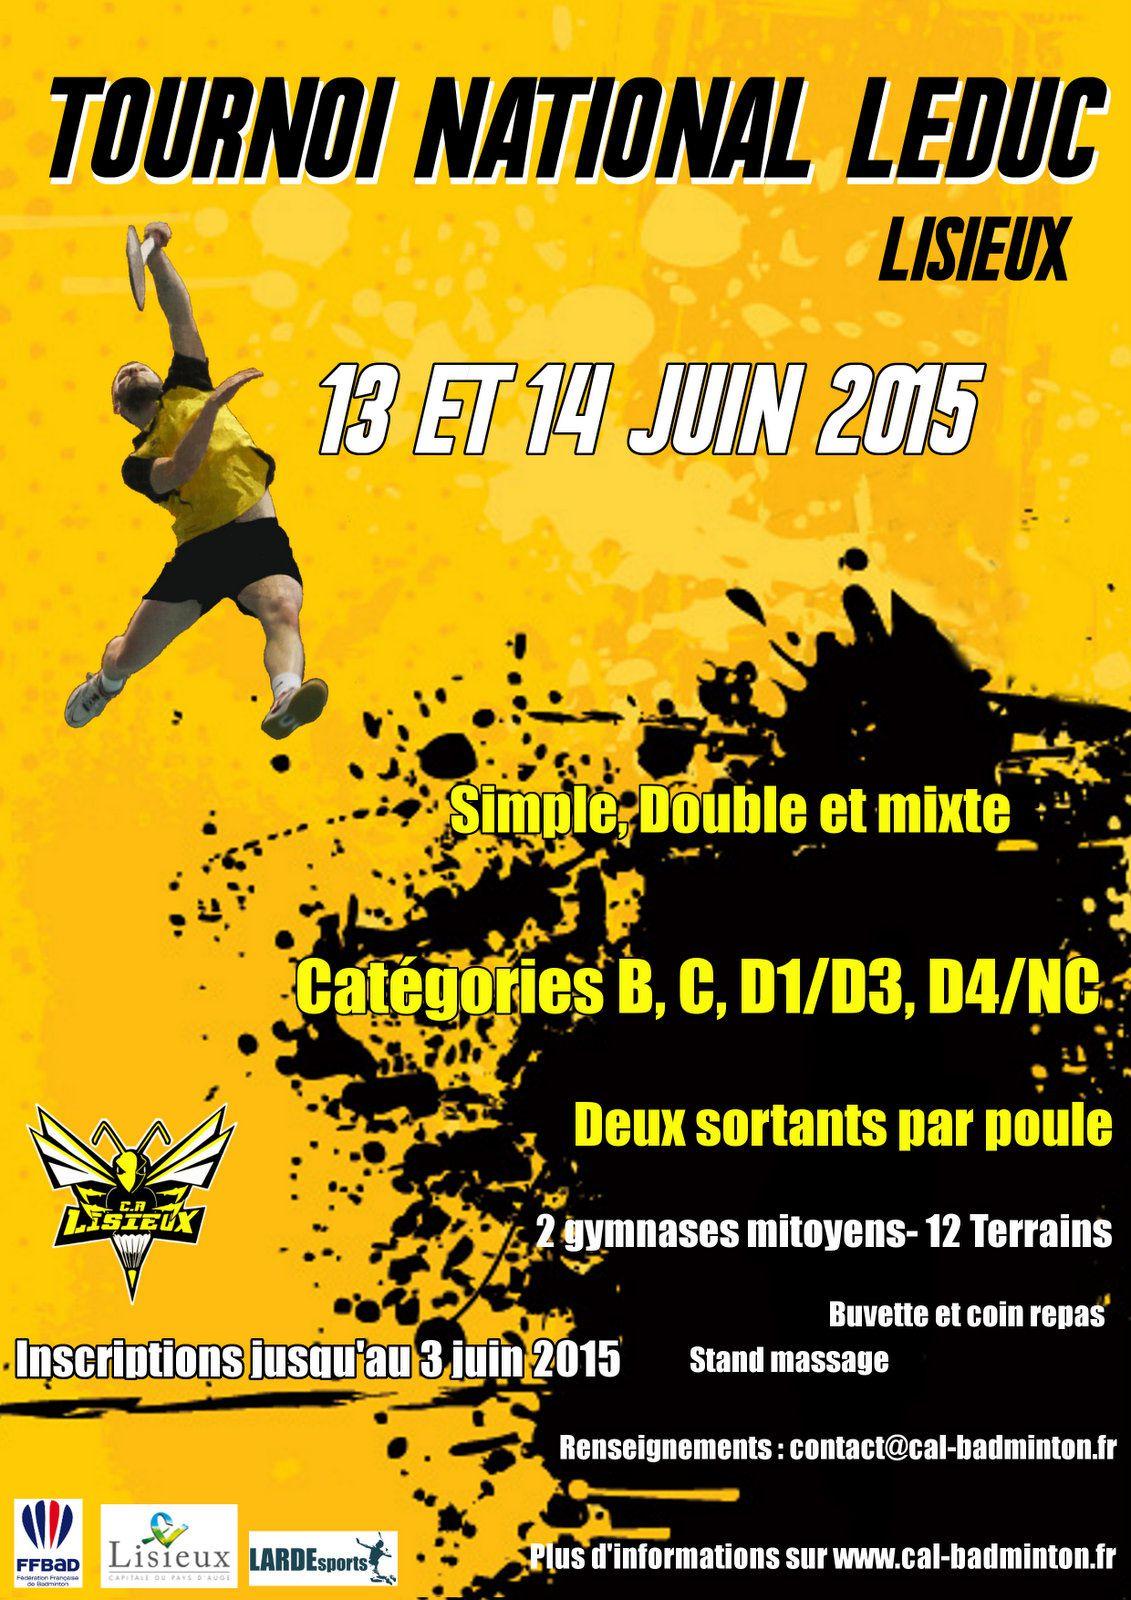 Tournoi LEDUC 2015 - Lisieux